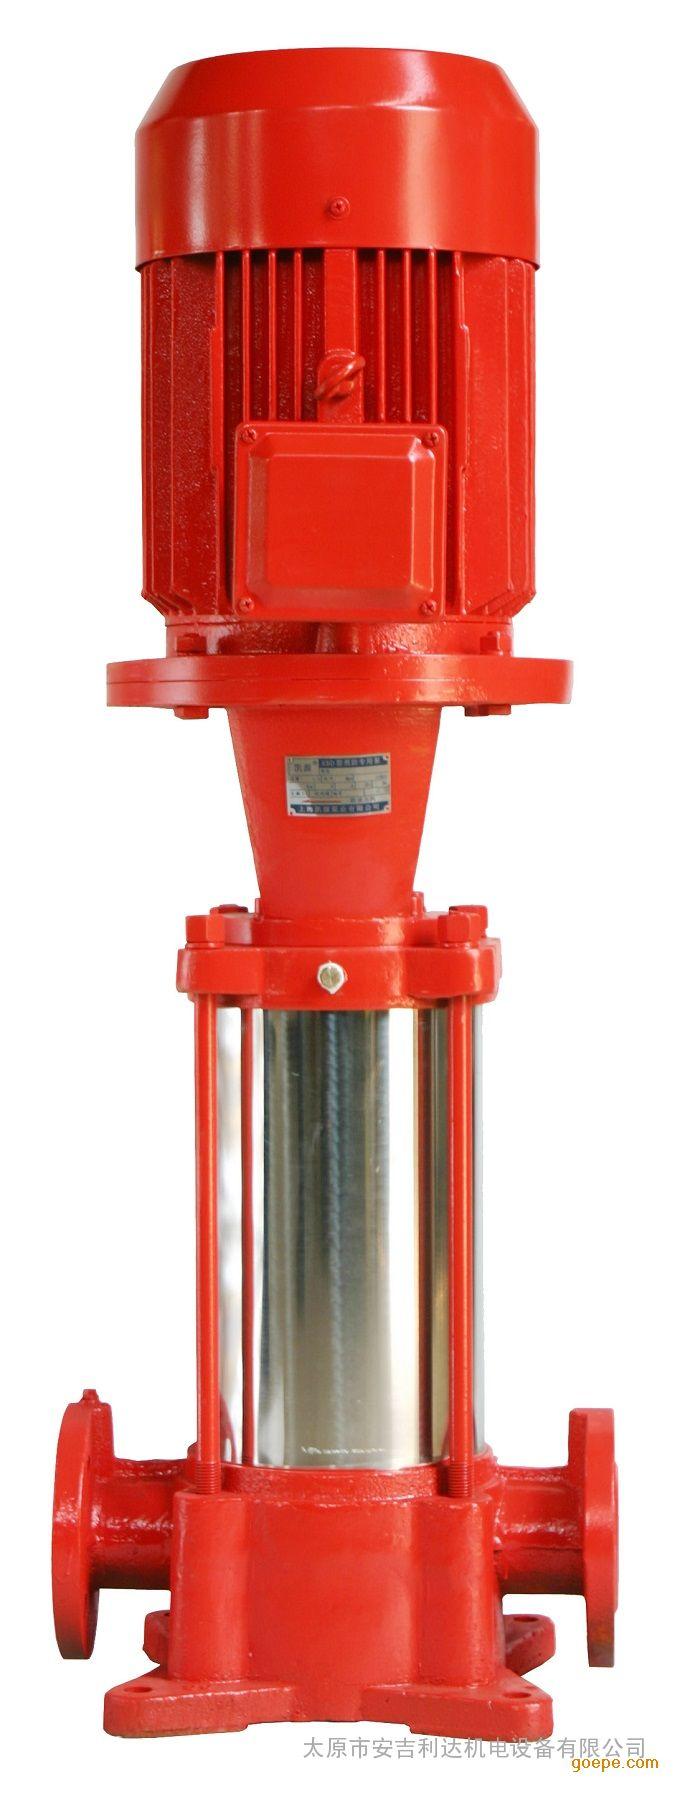 山西太原供应凯源cccf认证xbd-gdl立式多级消防泵图片